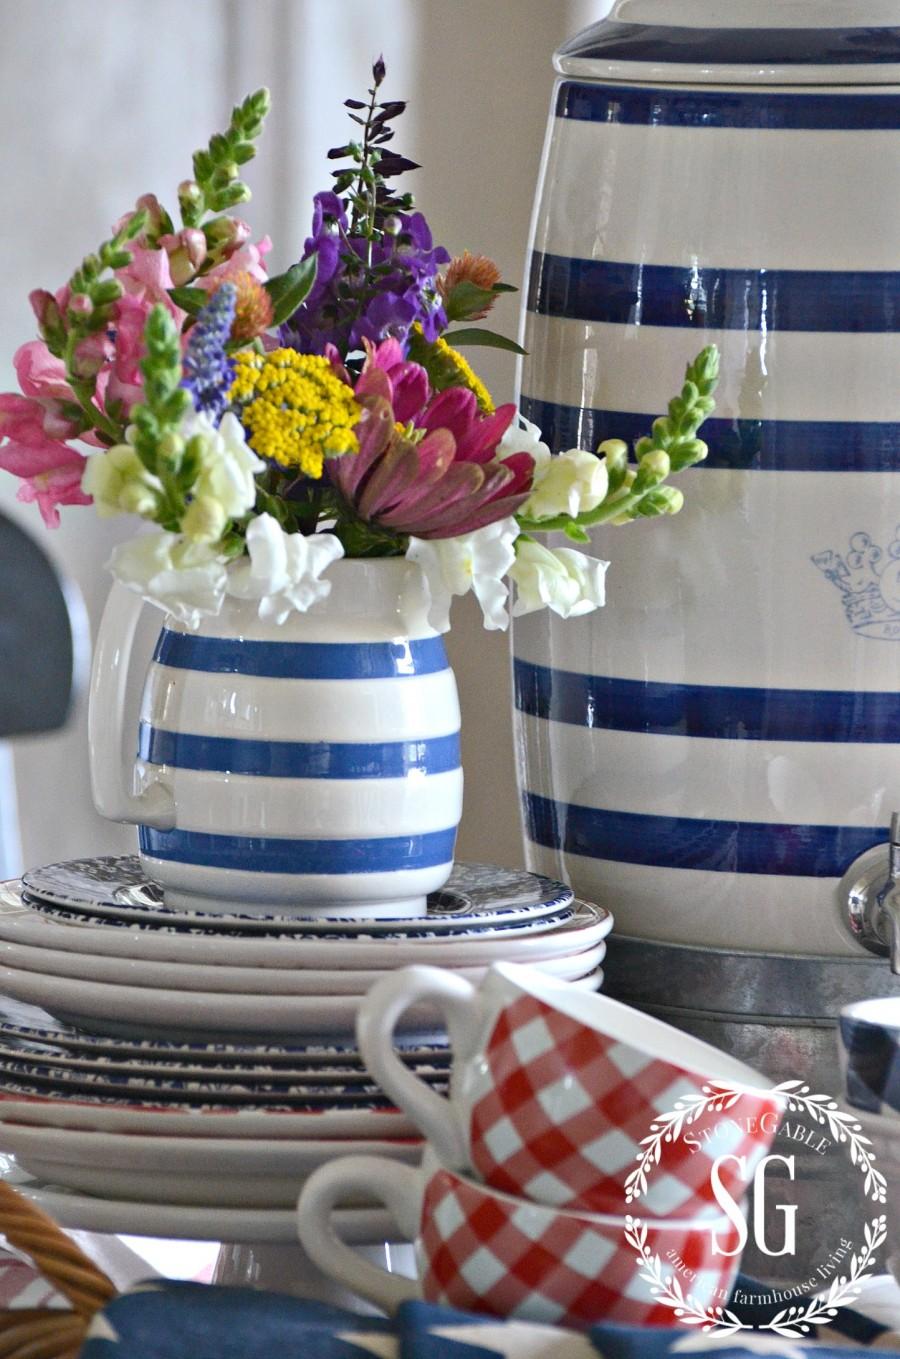 SUMMER FARMHOUSE KITCHEN VIGNETTE-red-white-blue-dishes-stonegableblog.com